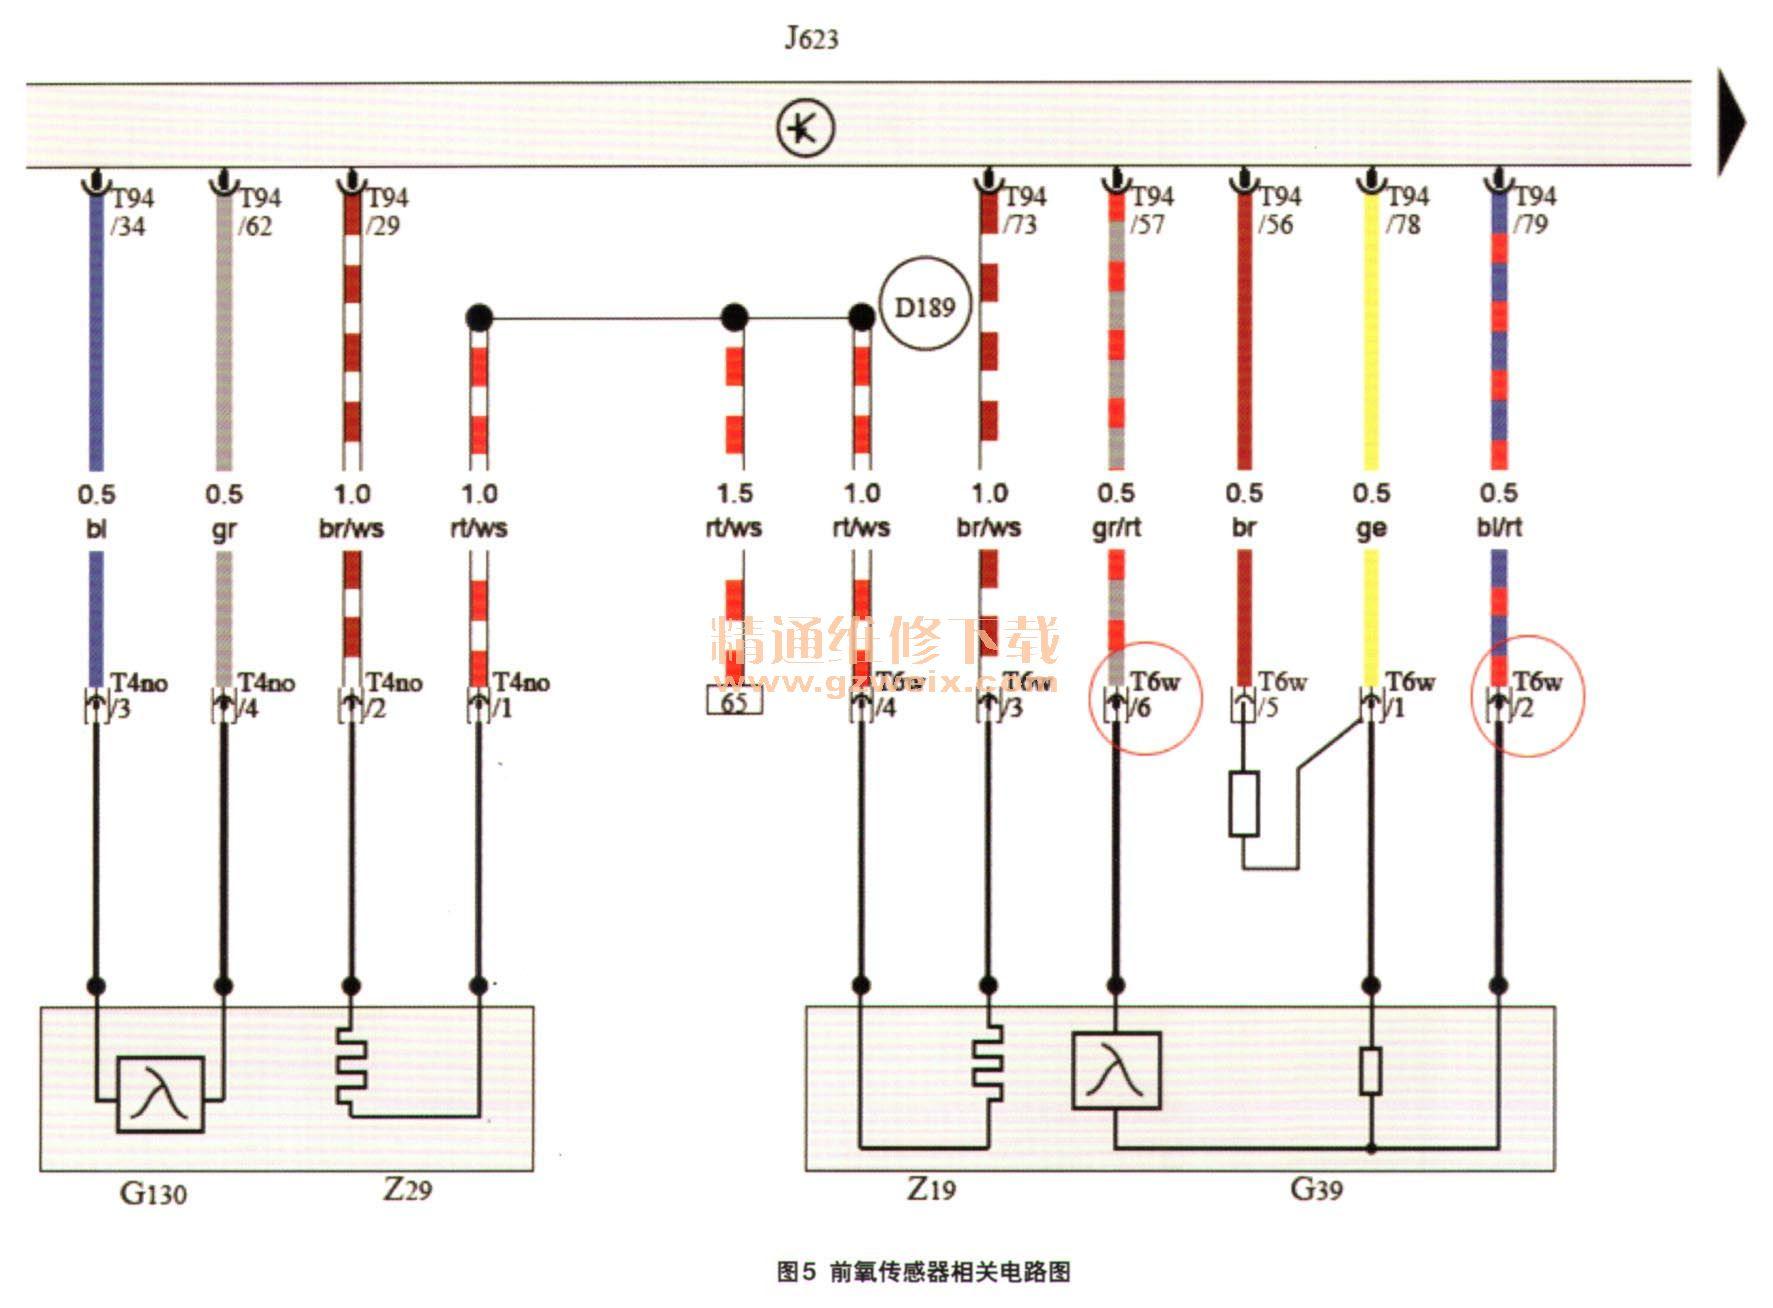 非常全面的插座开关接线图,装修用得上